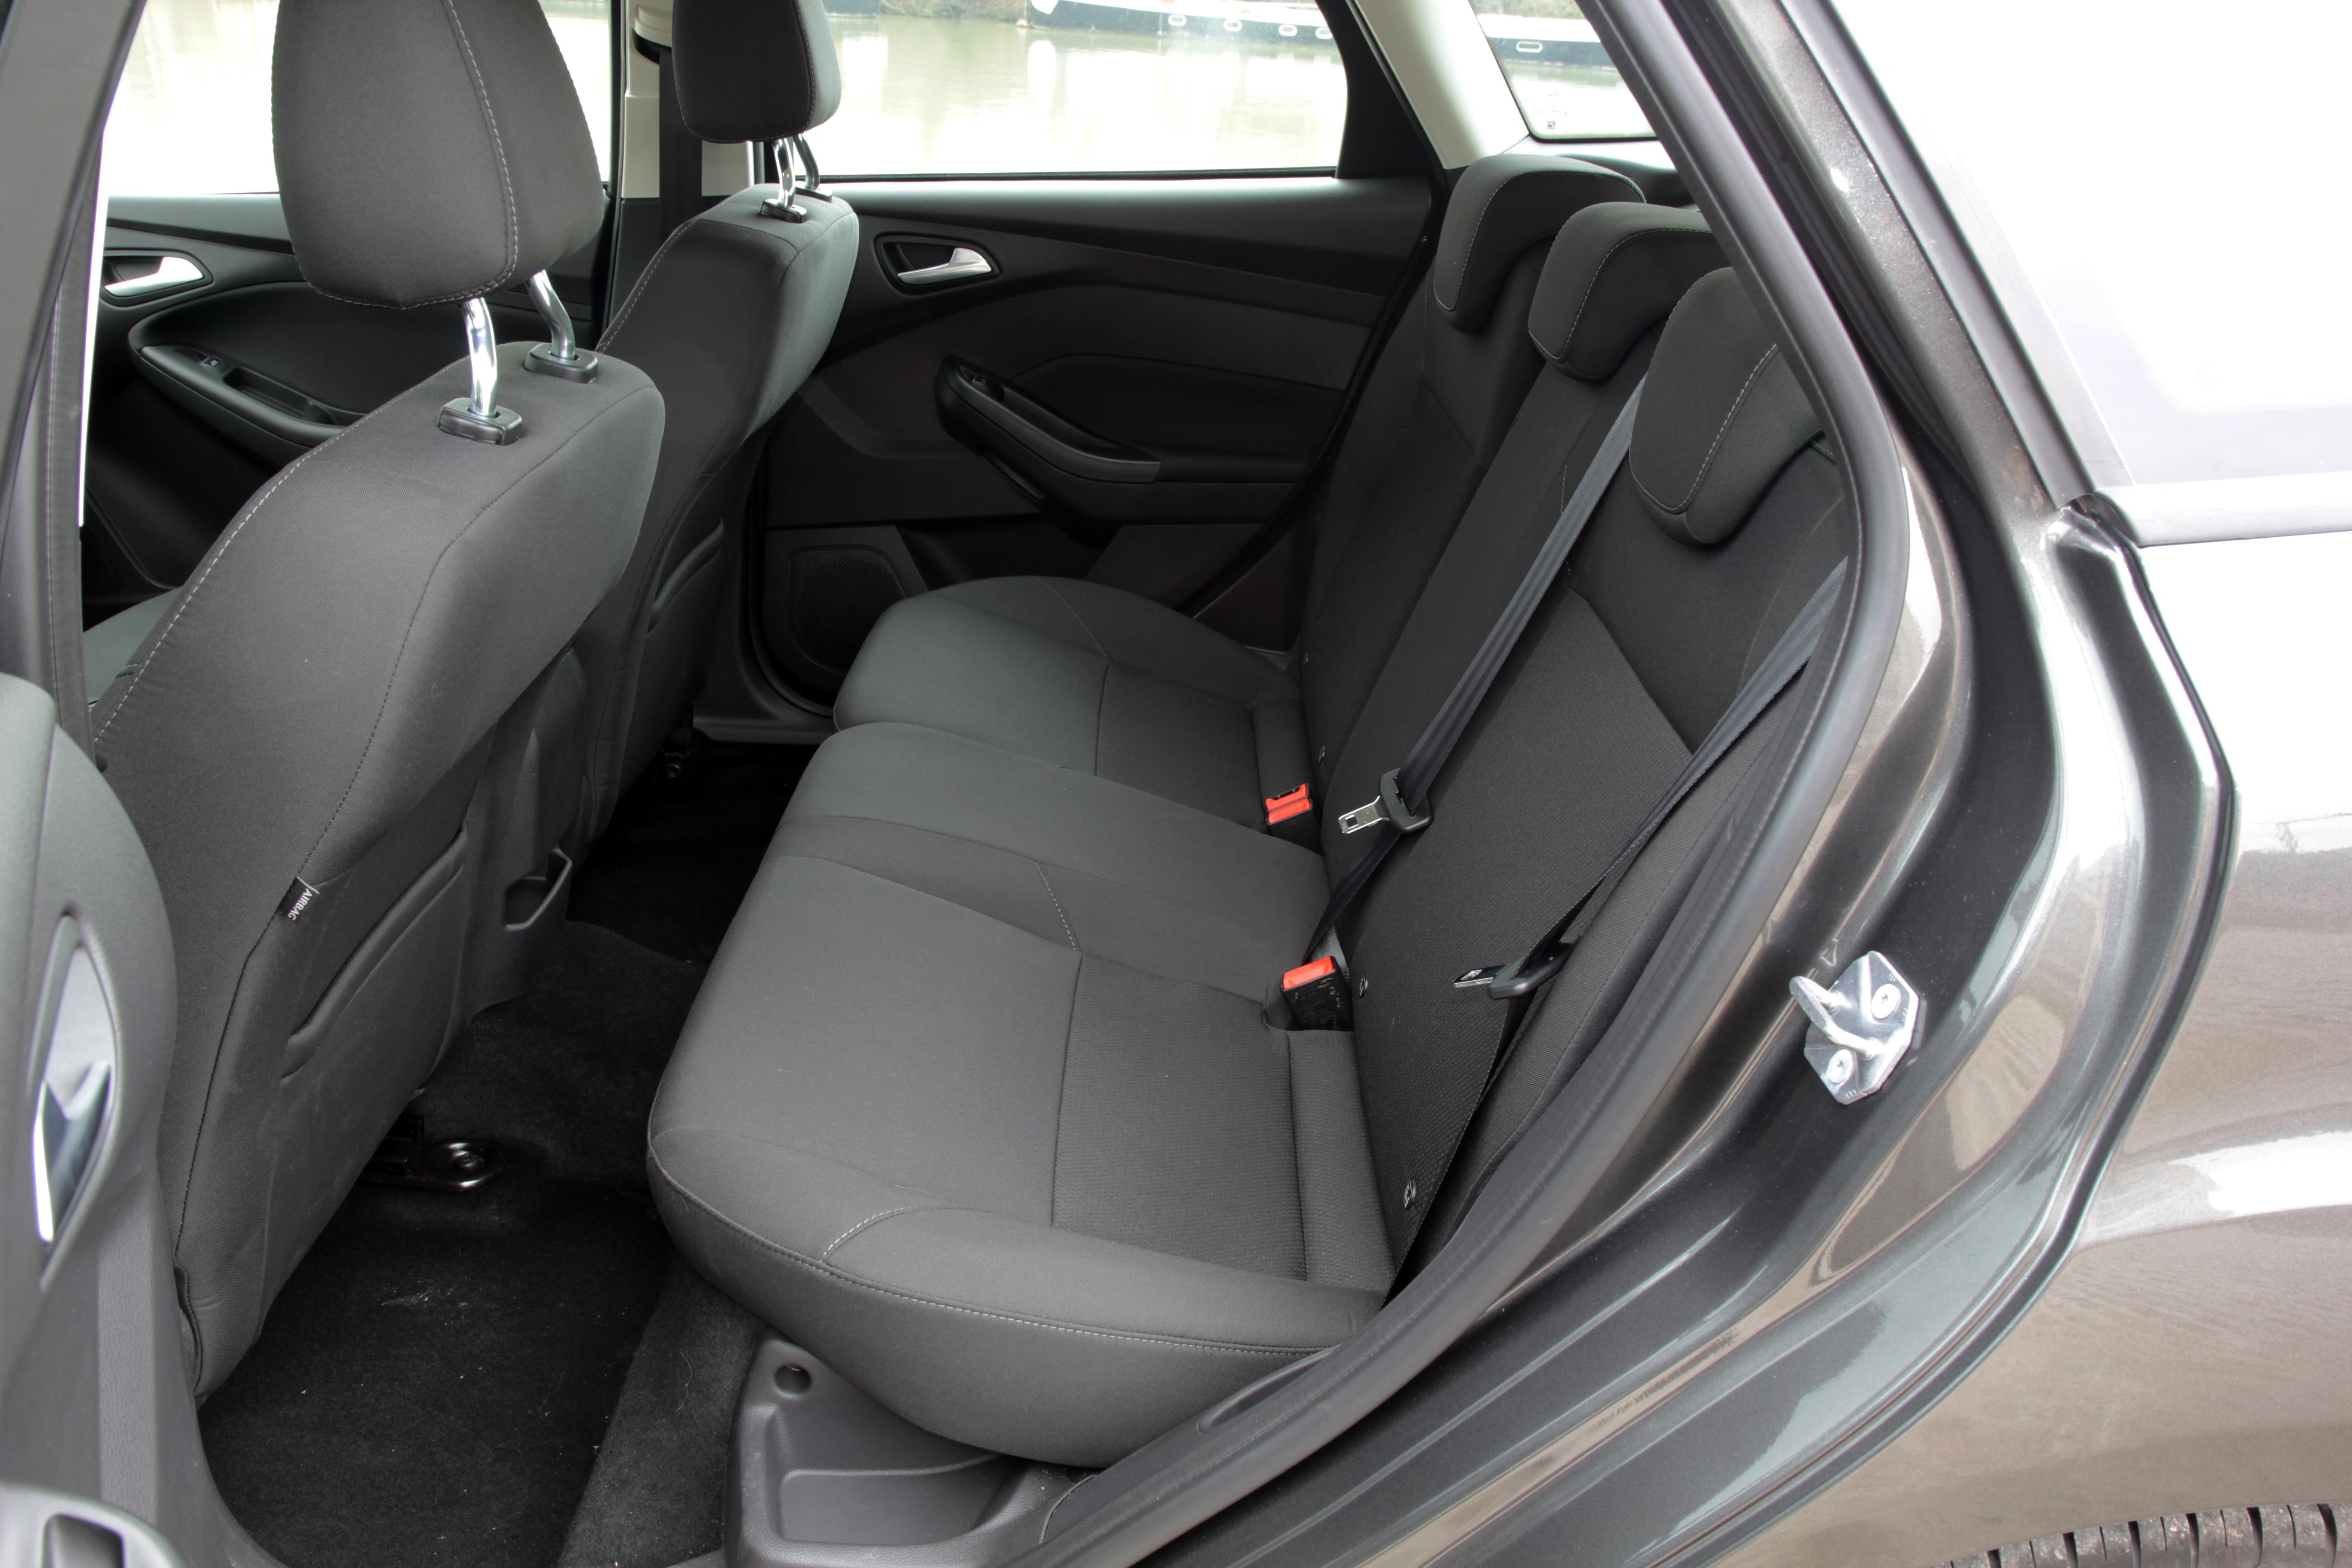 Essai Ford Focus Sw Restyl 233 E Am 233 Liorations Tous Azimuts